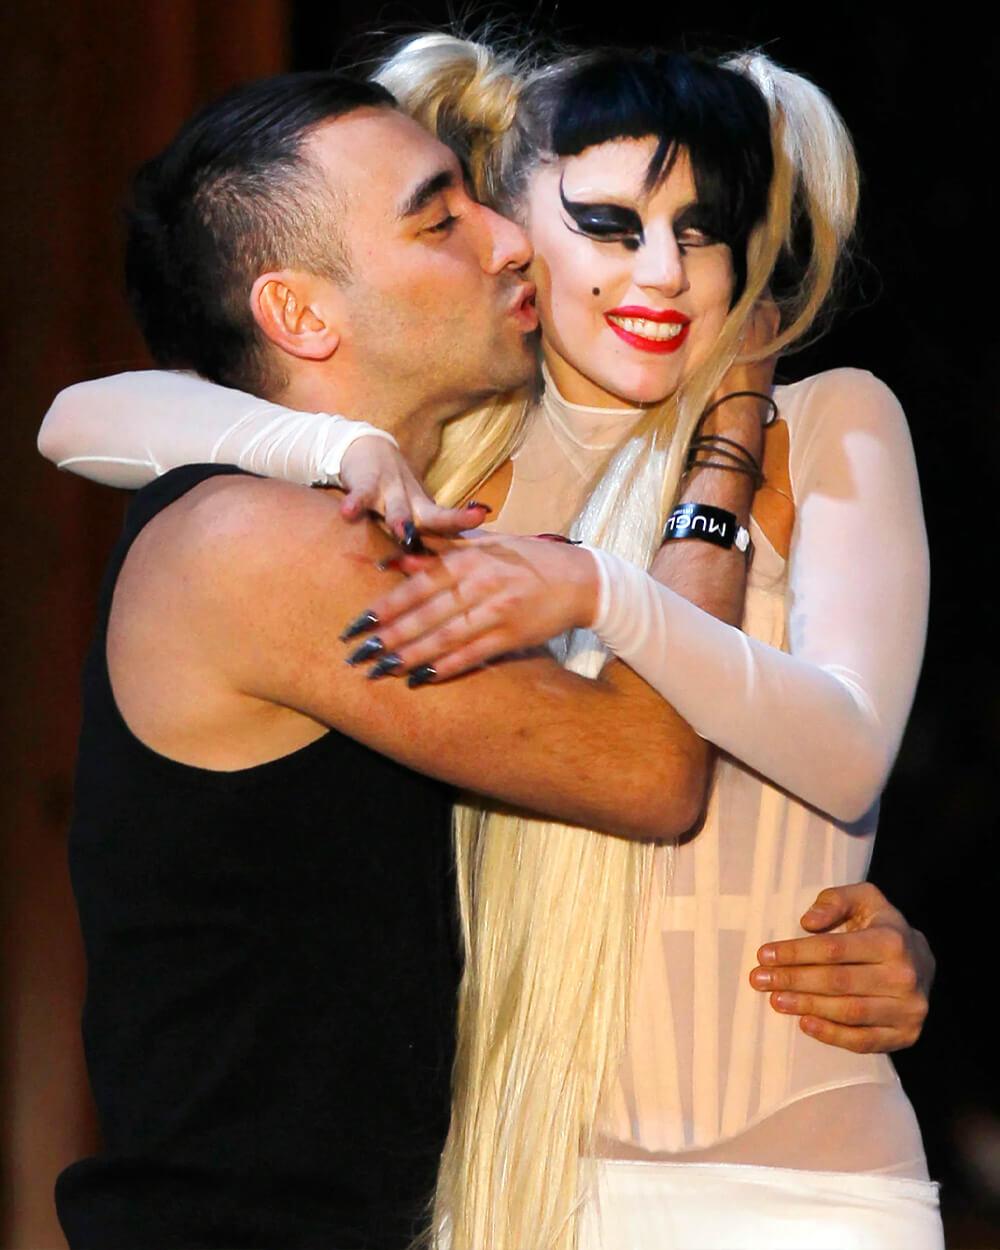 Nicola Formichetti with Lady Gaga